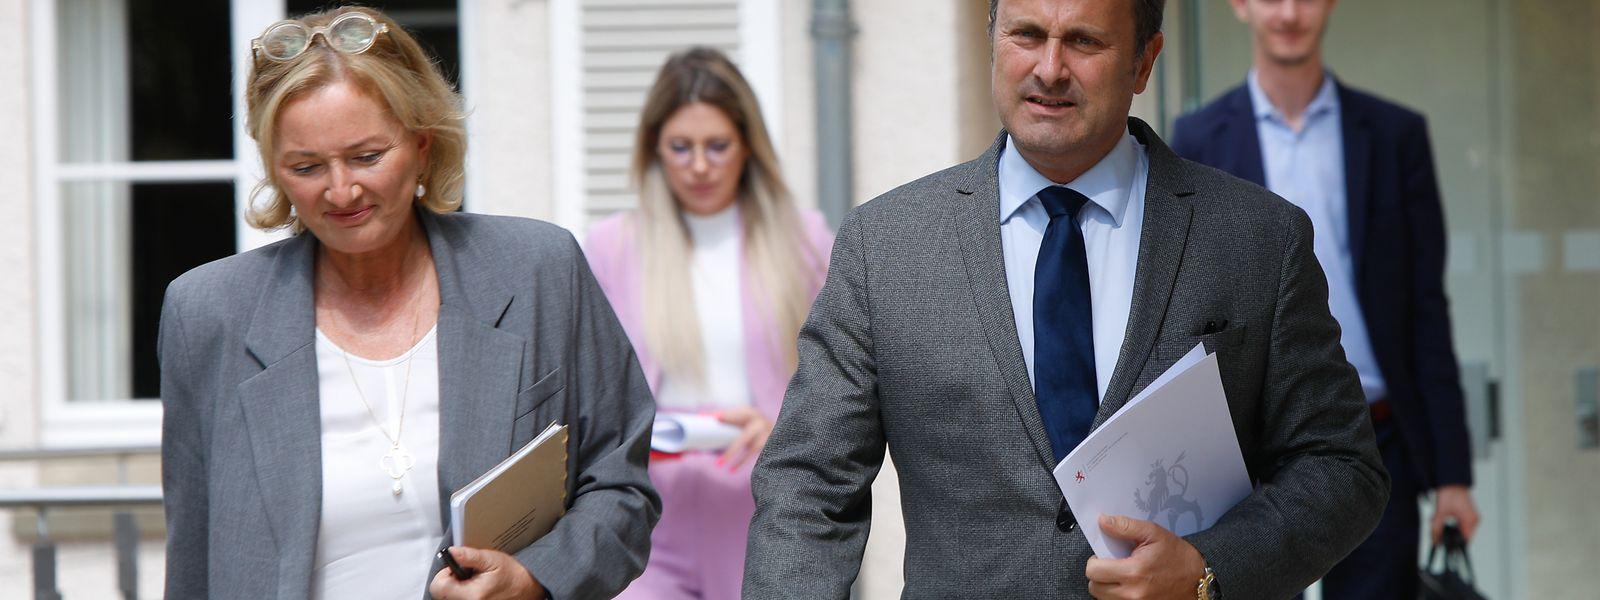 Premierminister Xavier Bettel und Gesundheitsministerin Paulette Lenert am Mittwoch beim gemeinsamen Pressebriefing im Schloss von Senningen.